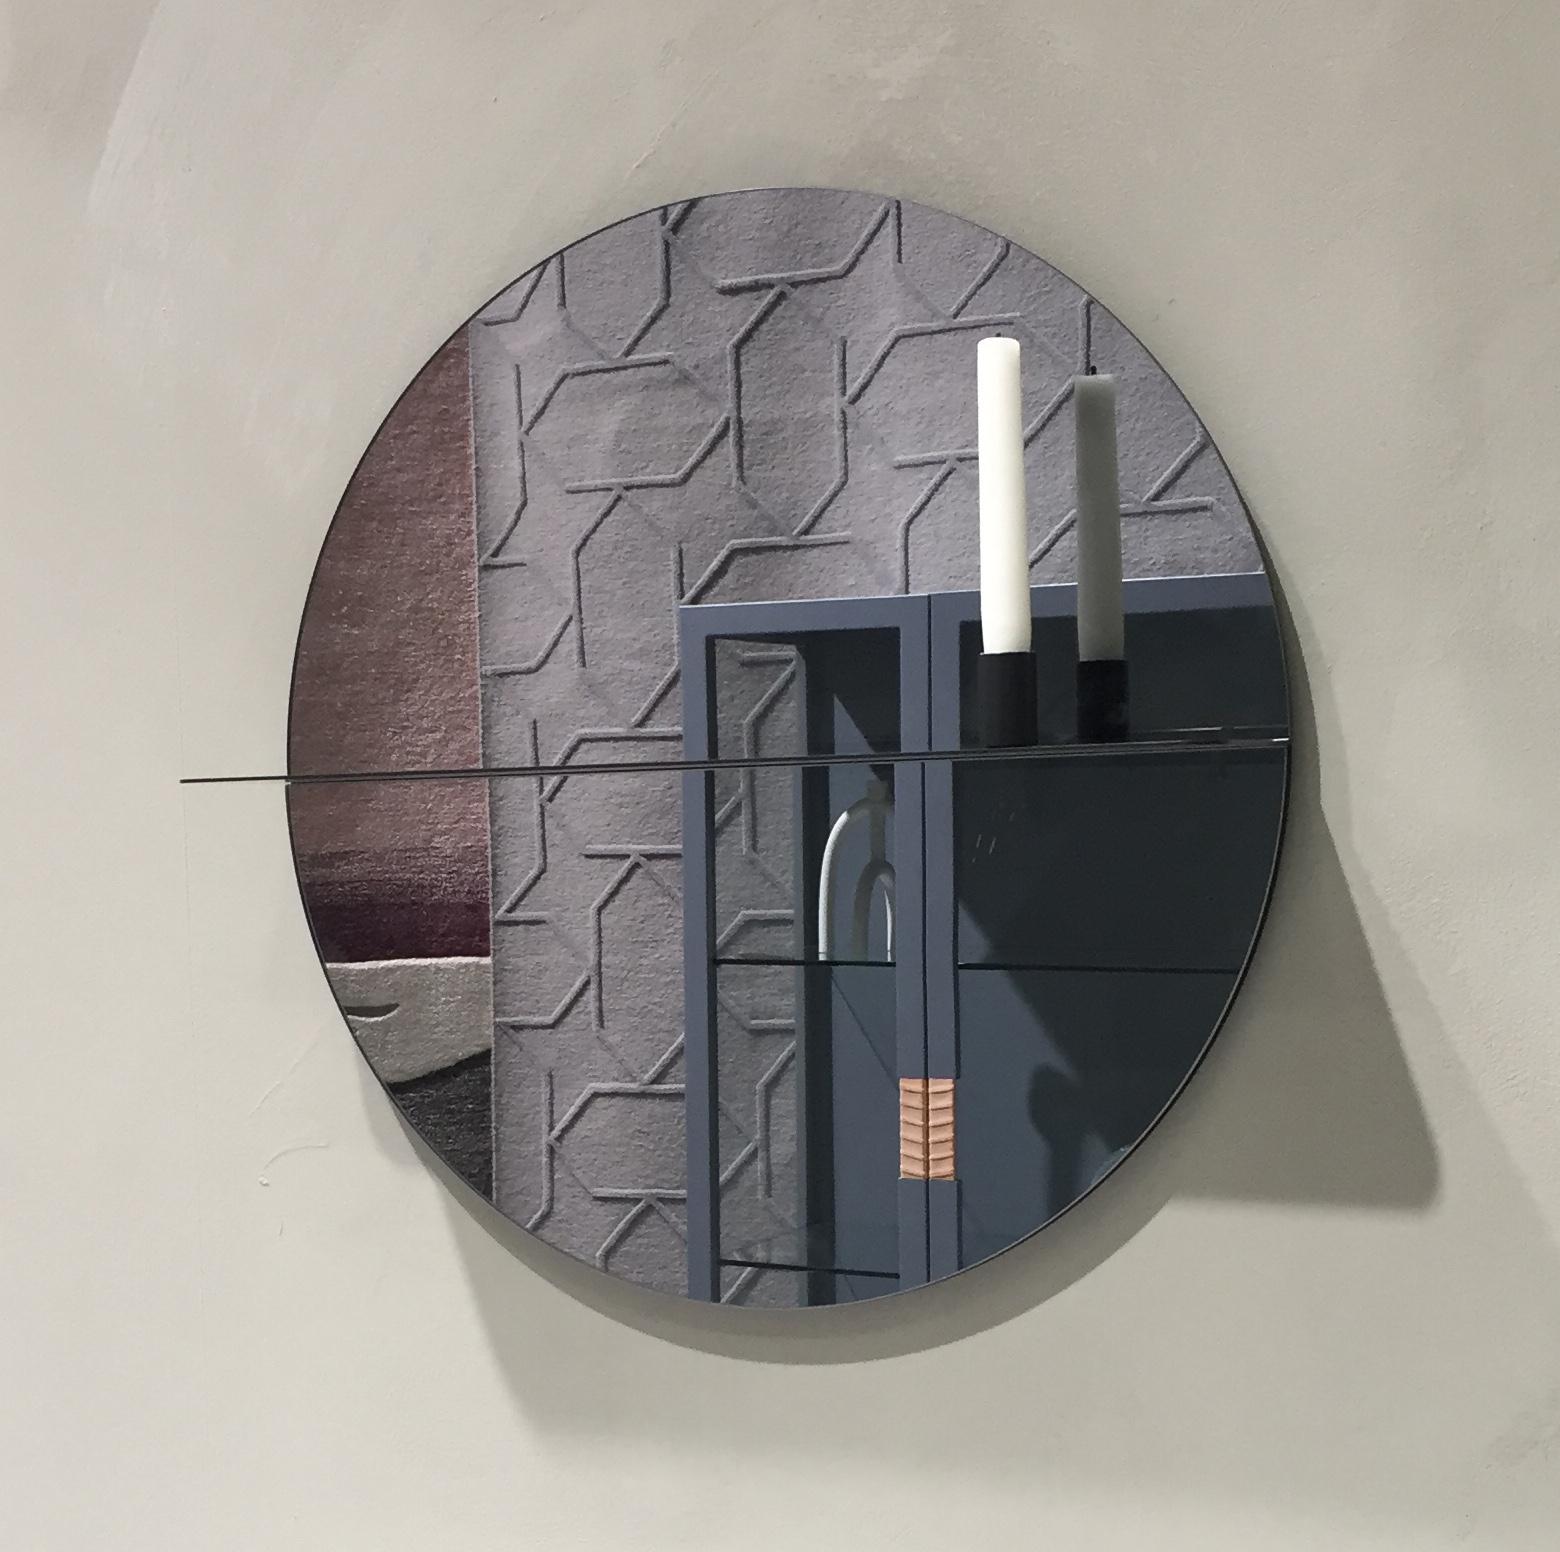 Vi så det komme i fjor, og definitiv til stede i år. SPEIL! Som en dekor på veggen, det lille ekstra som gjør rommet! Prøv speil som har farge i selve speilet.